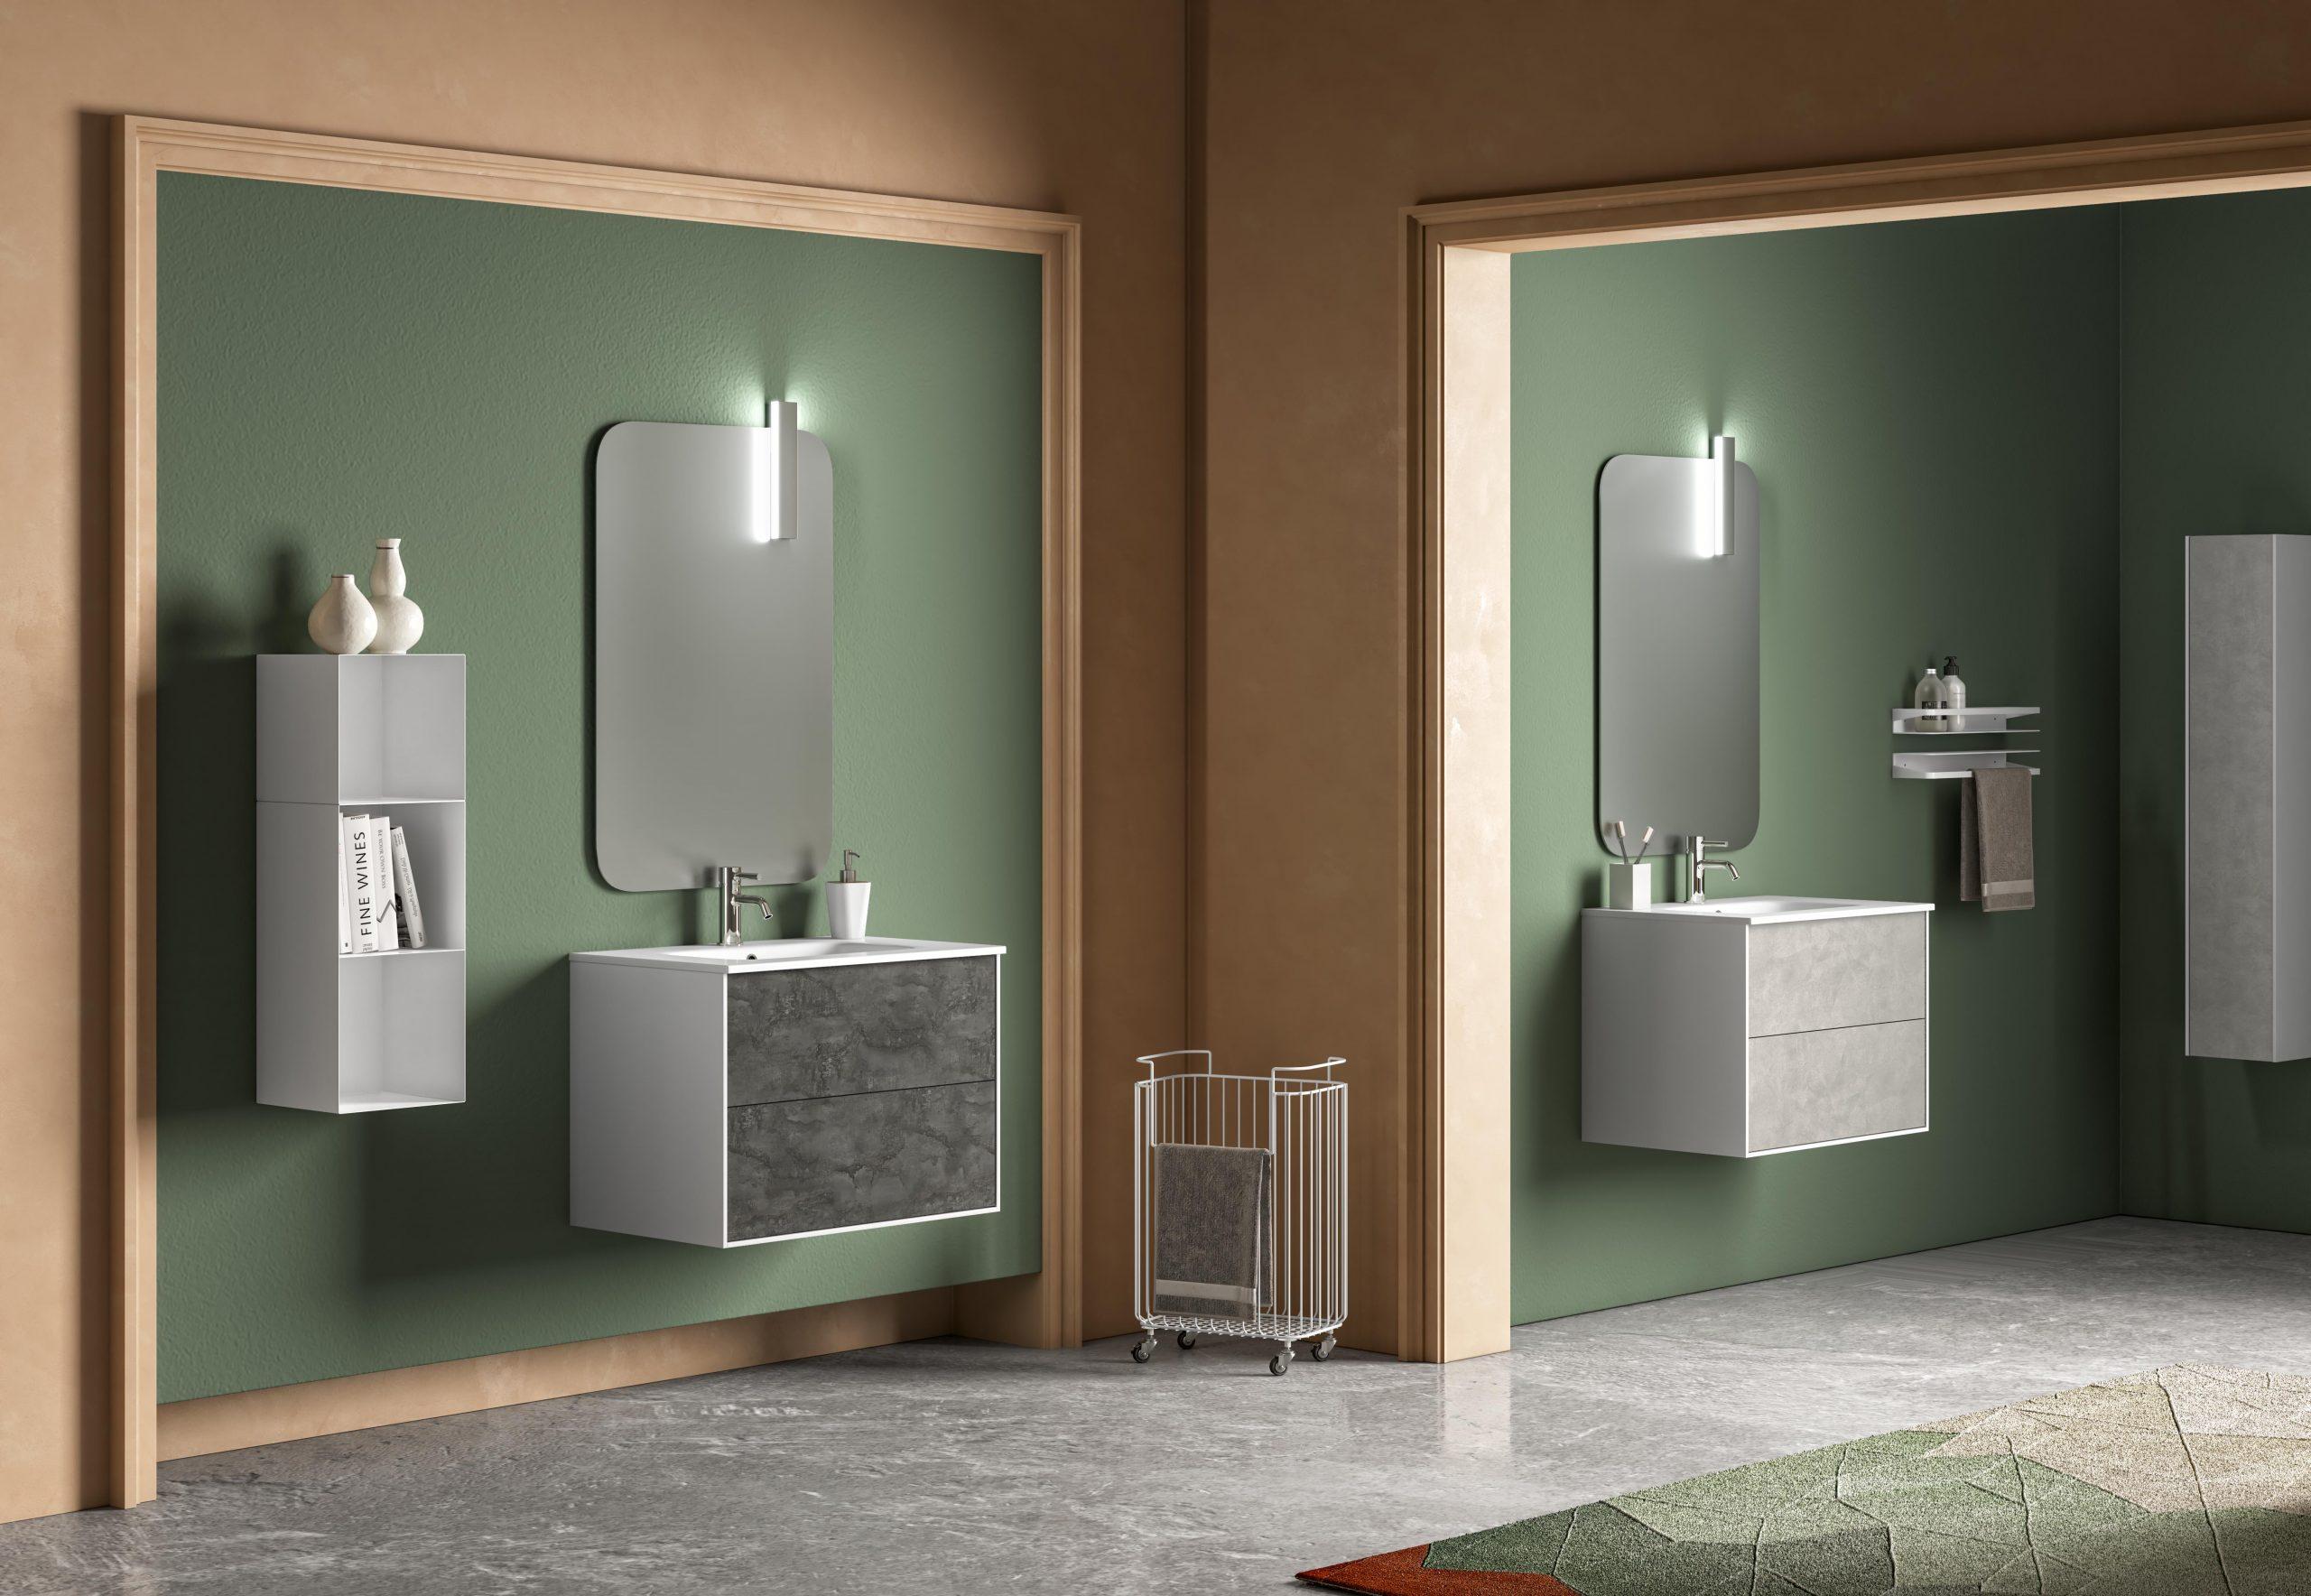 Mobiletti bagno per spazi piccoli? Ecco le nostre proposte